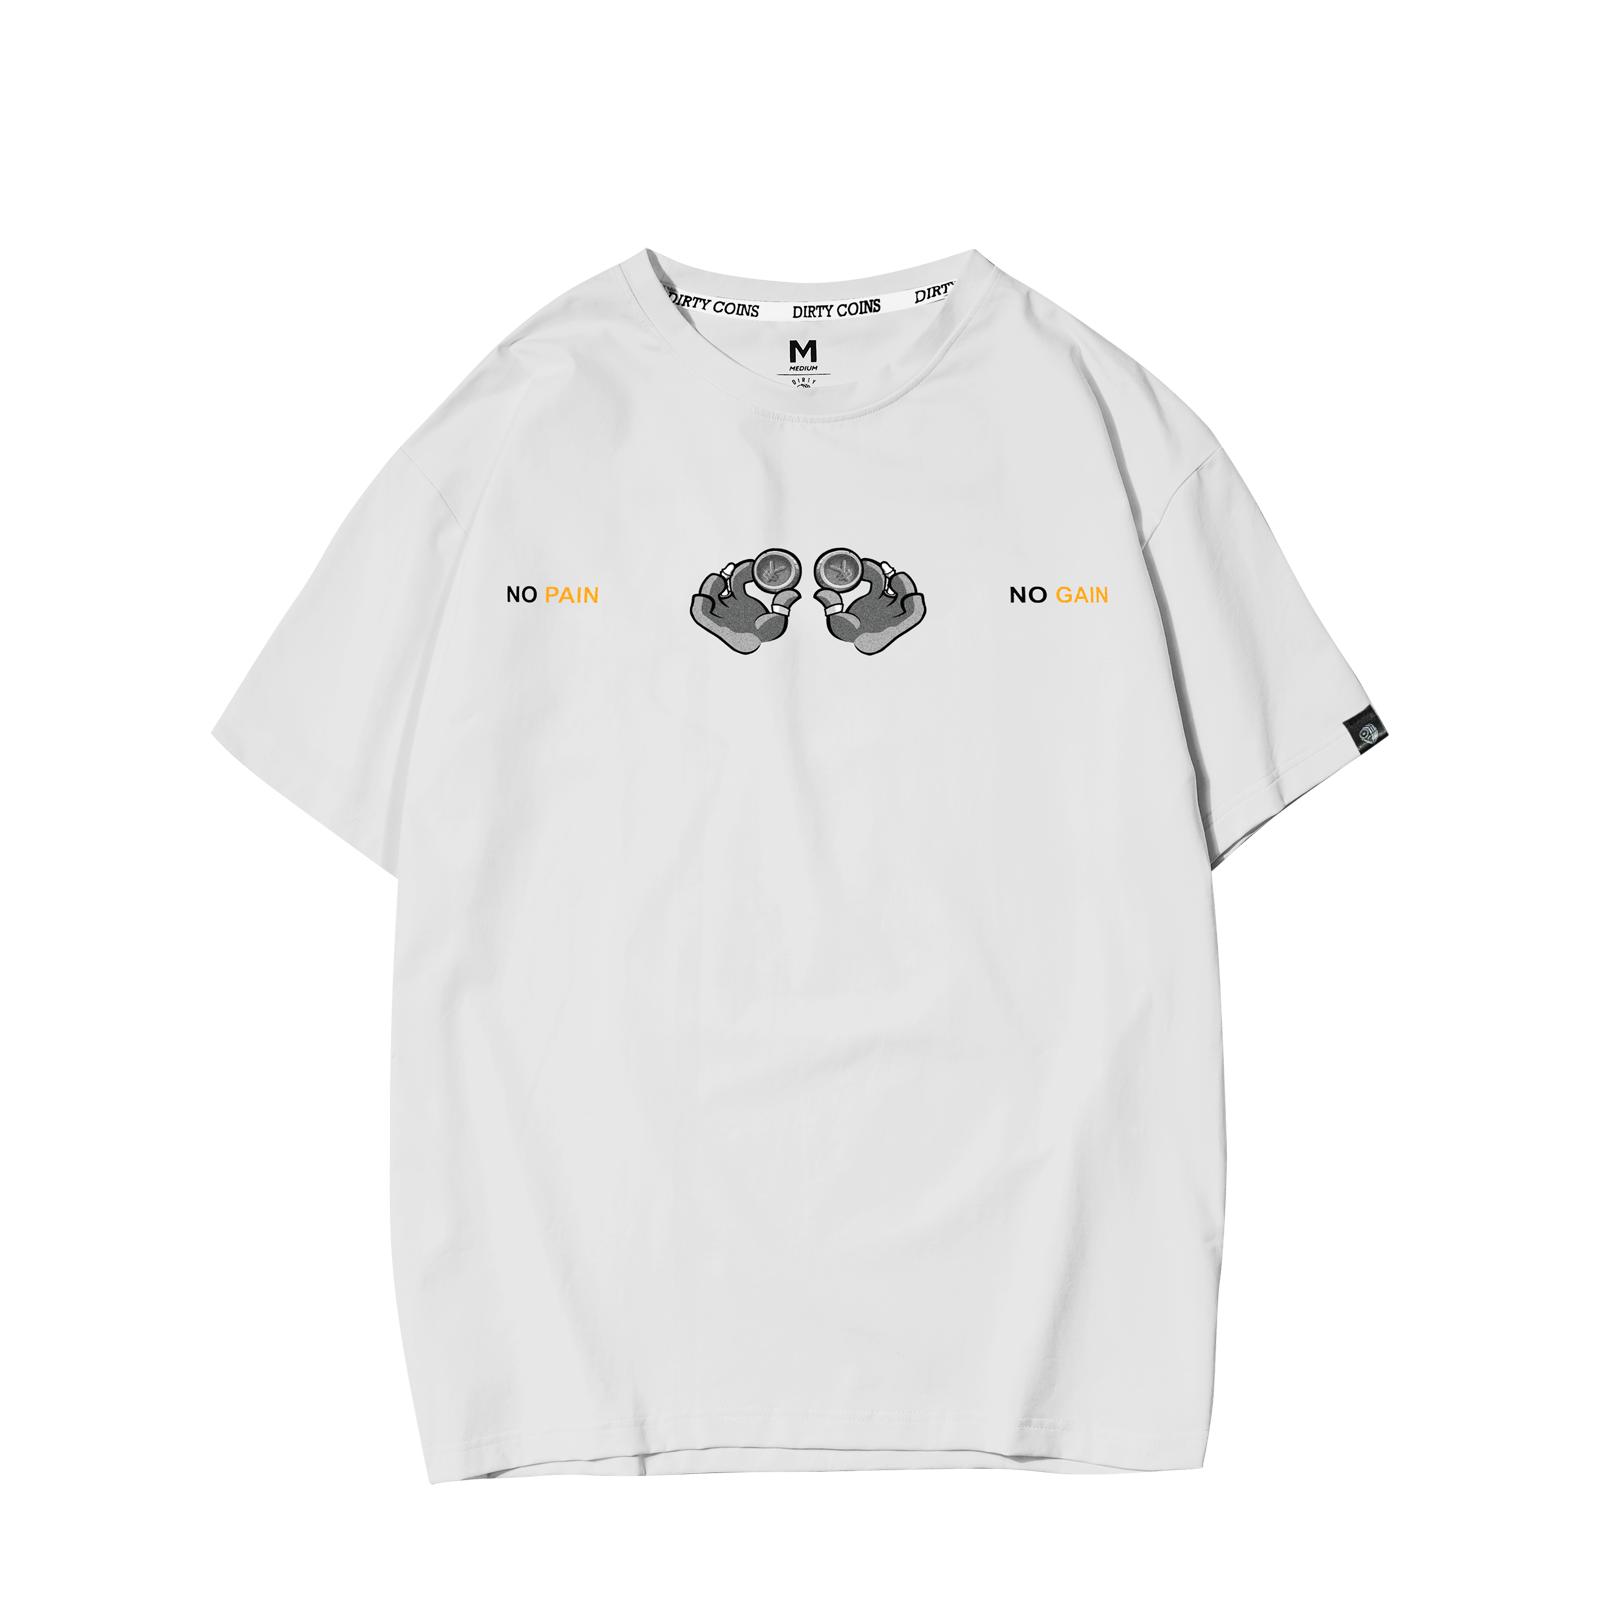 NPNG T-Shirts (2 phối màu)